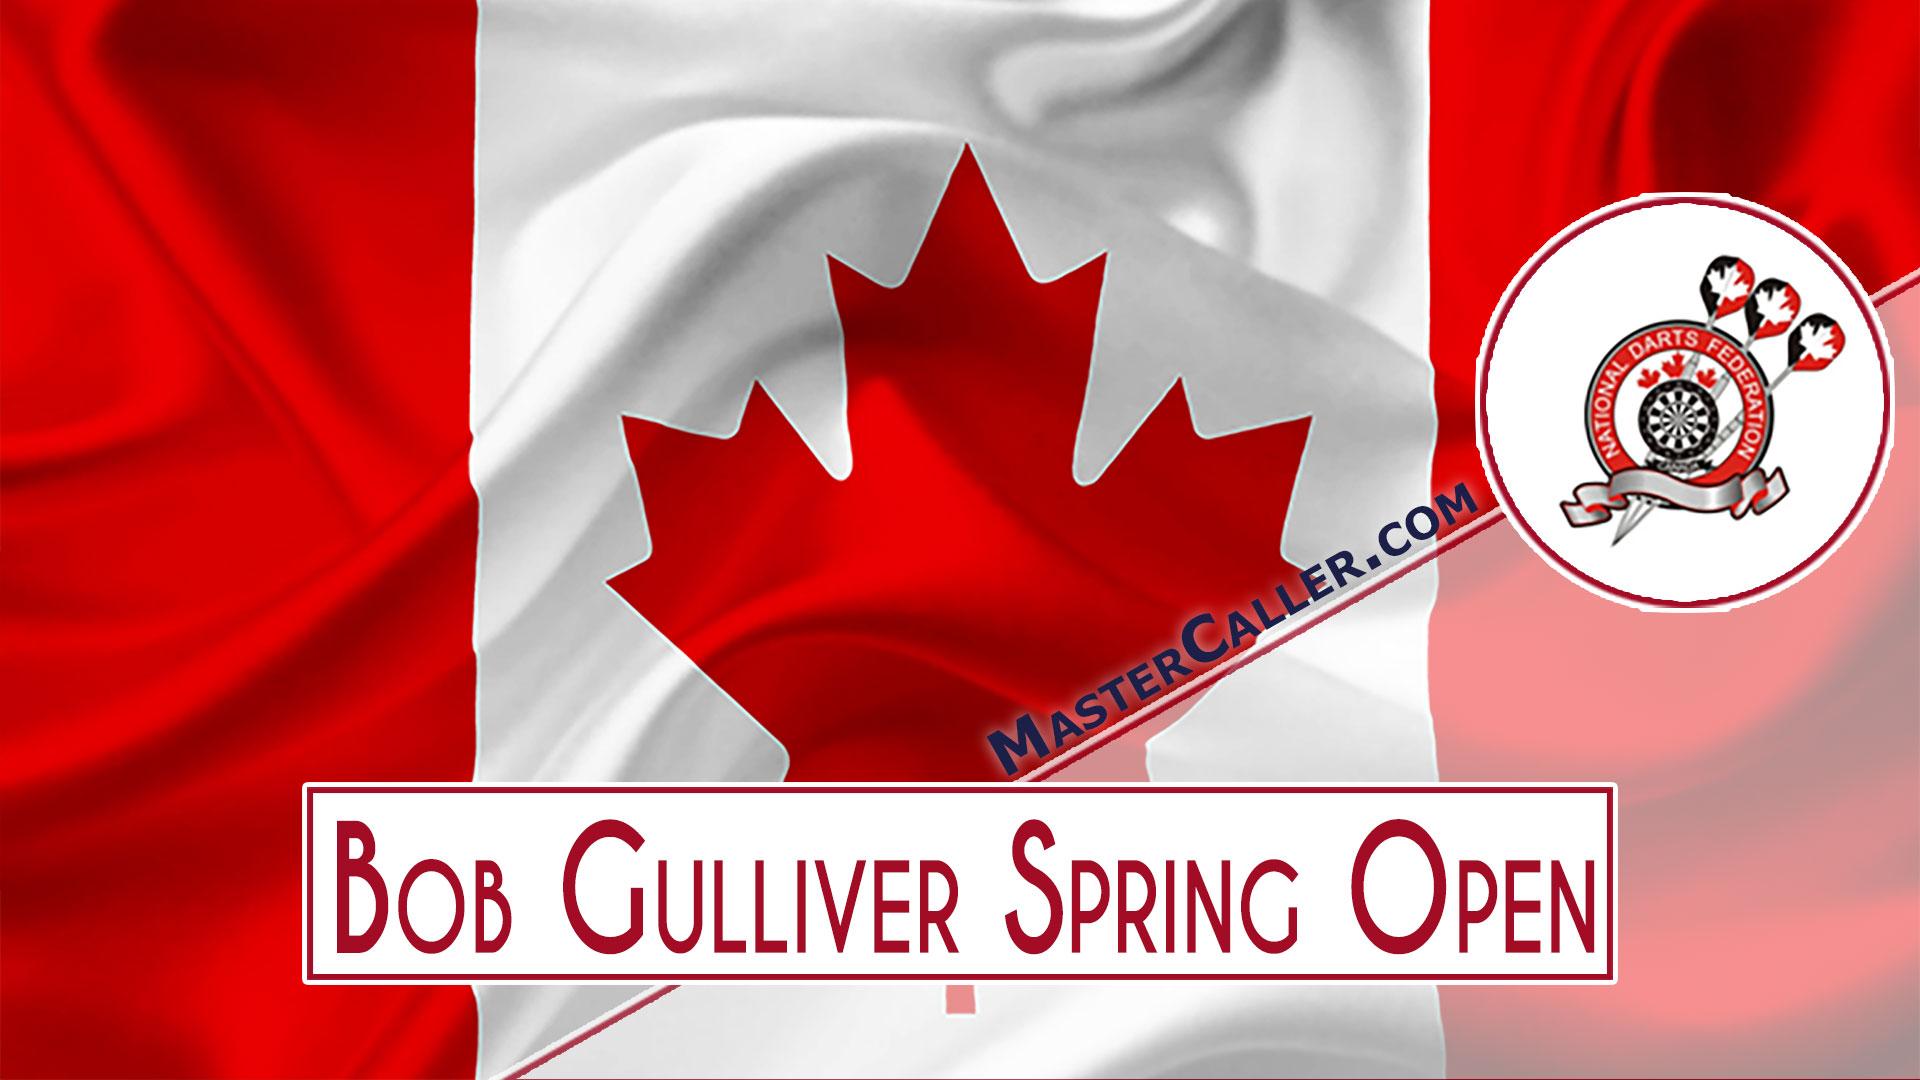 Bob Gulliver Spring Open Men - 2021 Logo